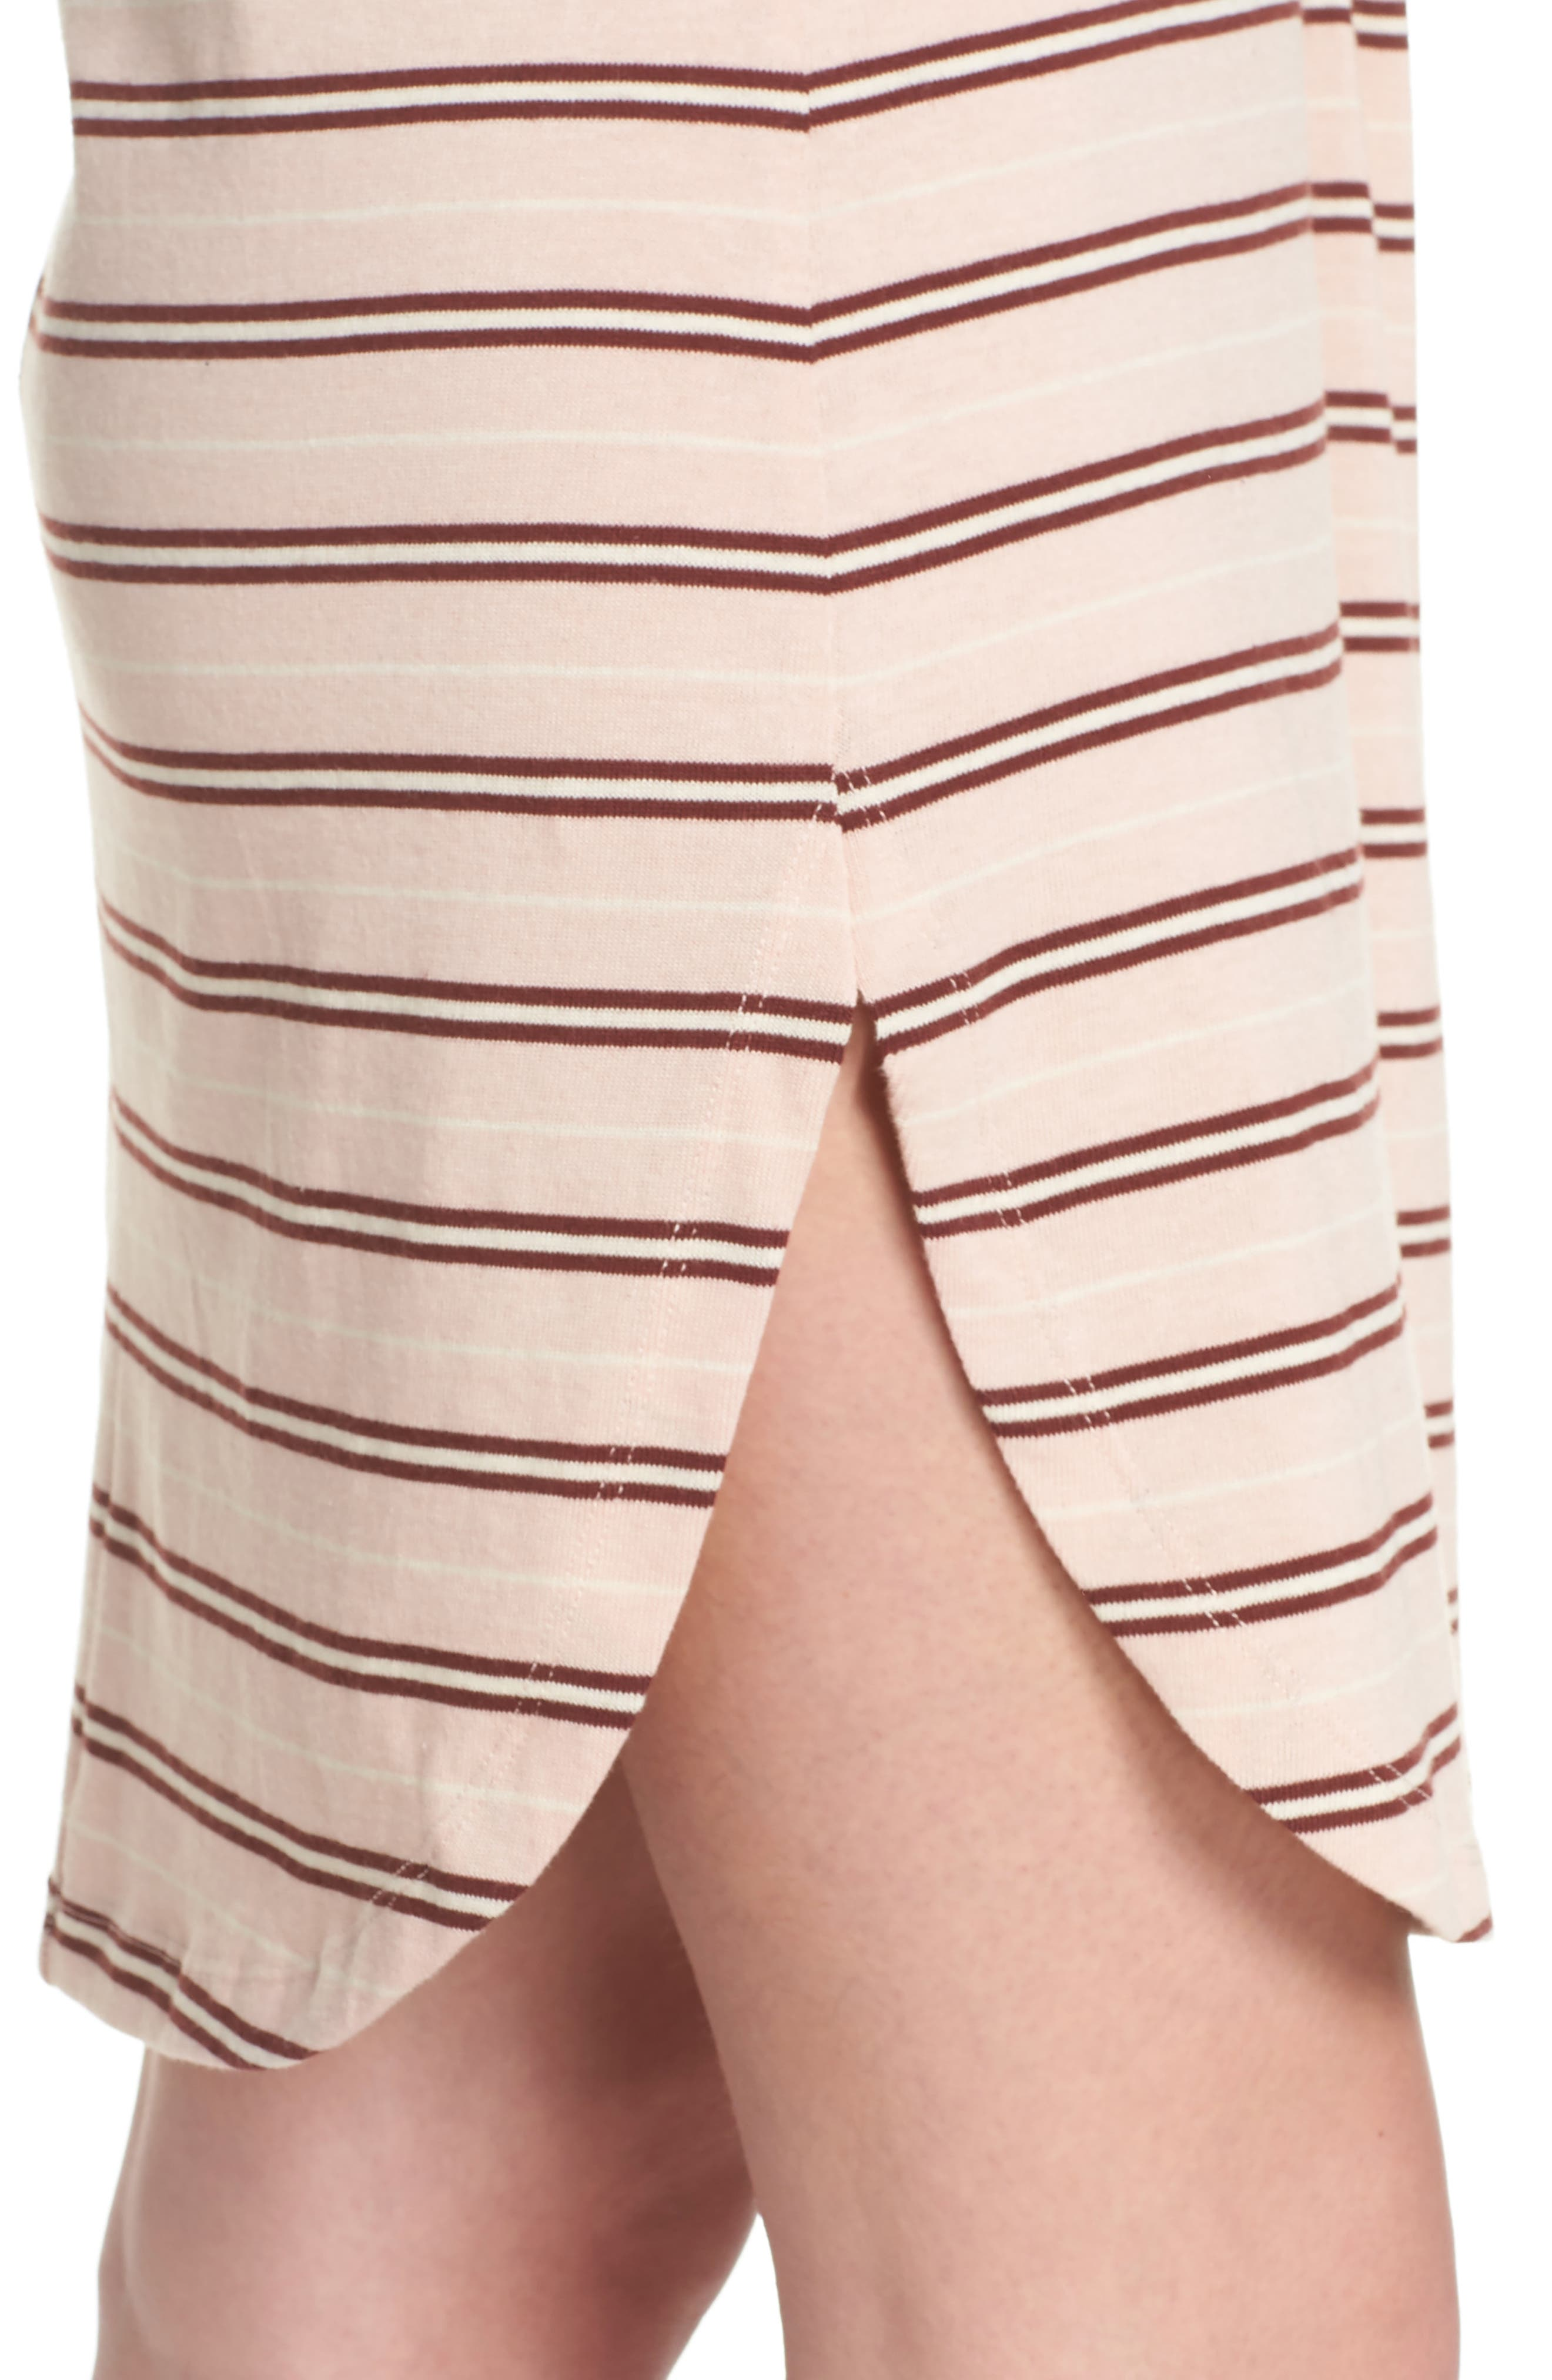 Saul Tunic Dress,                             Alternate thumbnail 4, color,                             650